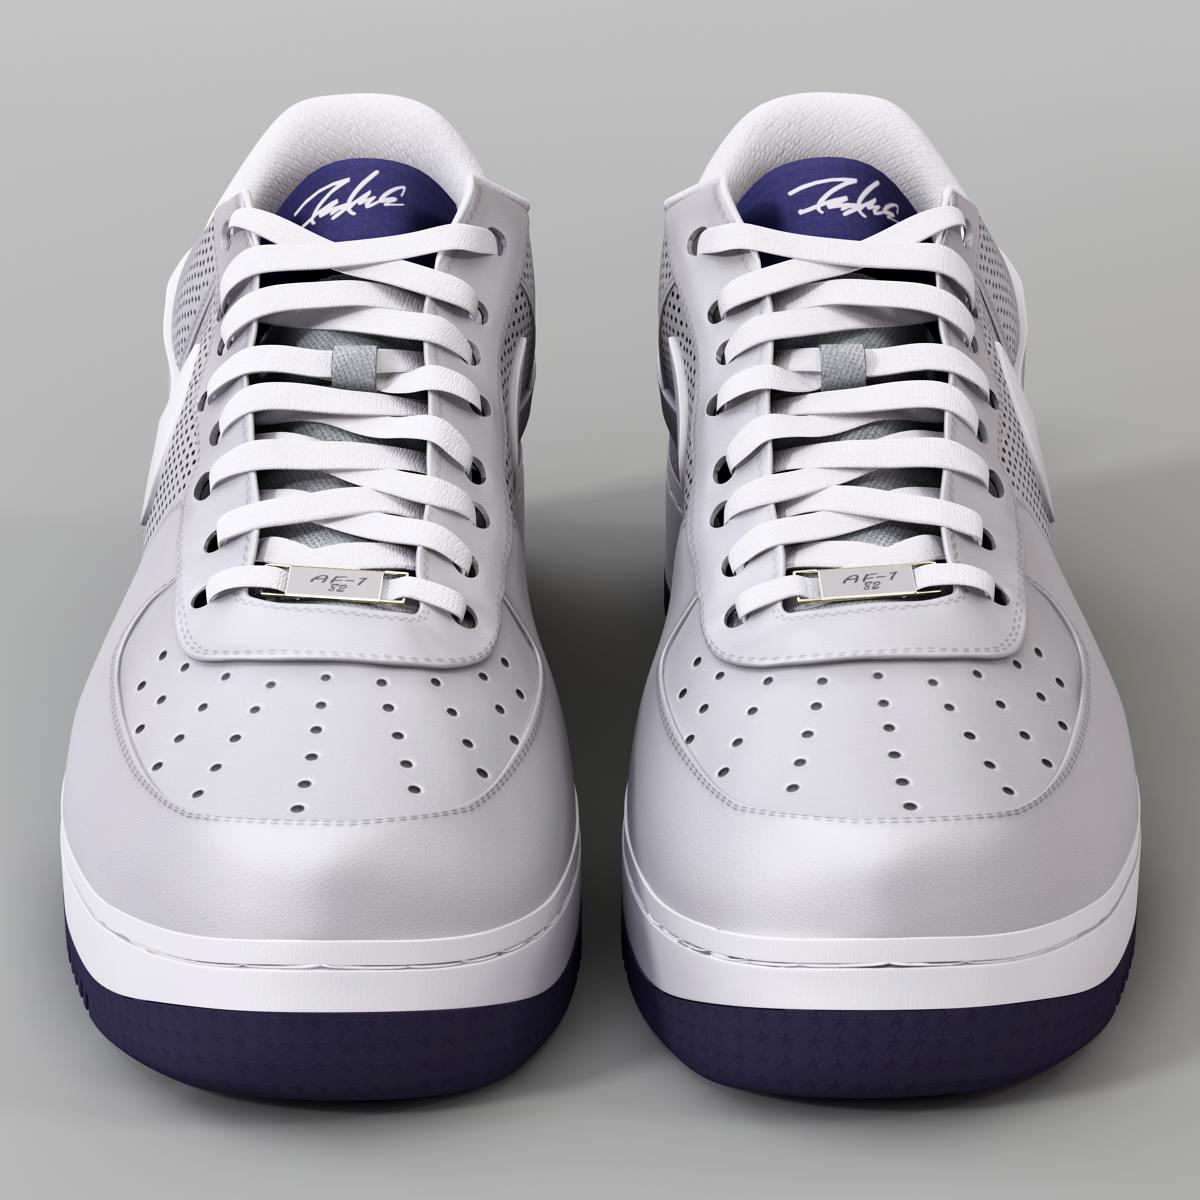 Sneakers_Nike_Air_Force_001.jpg